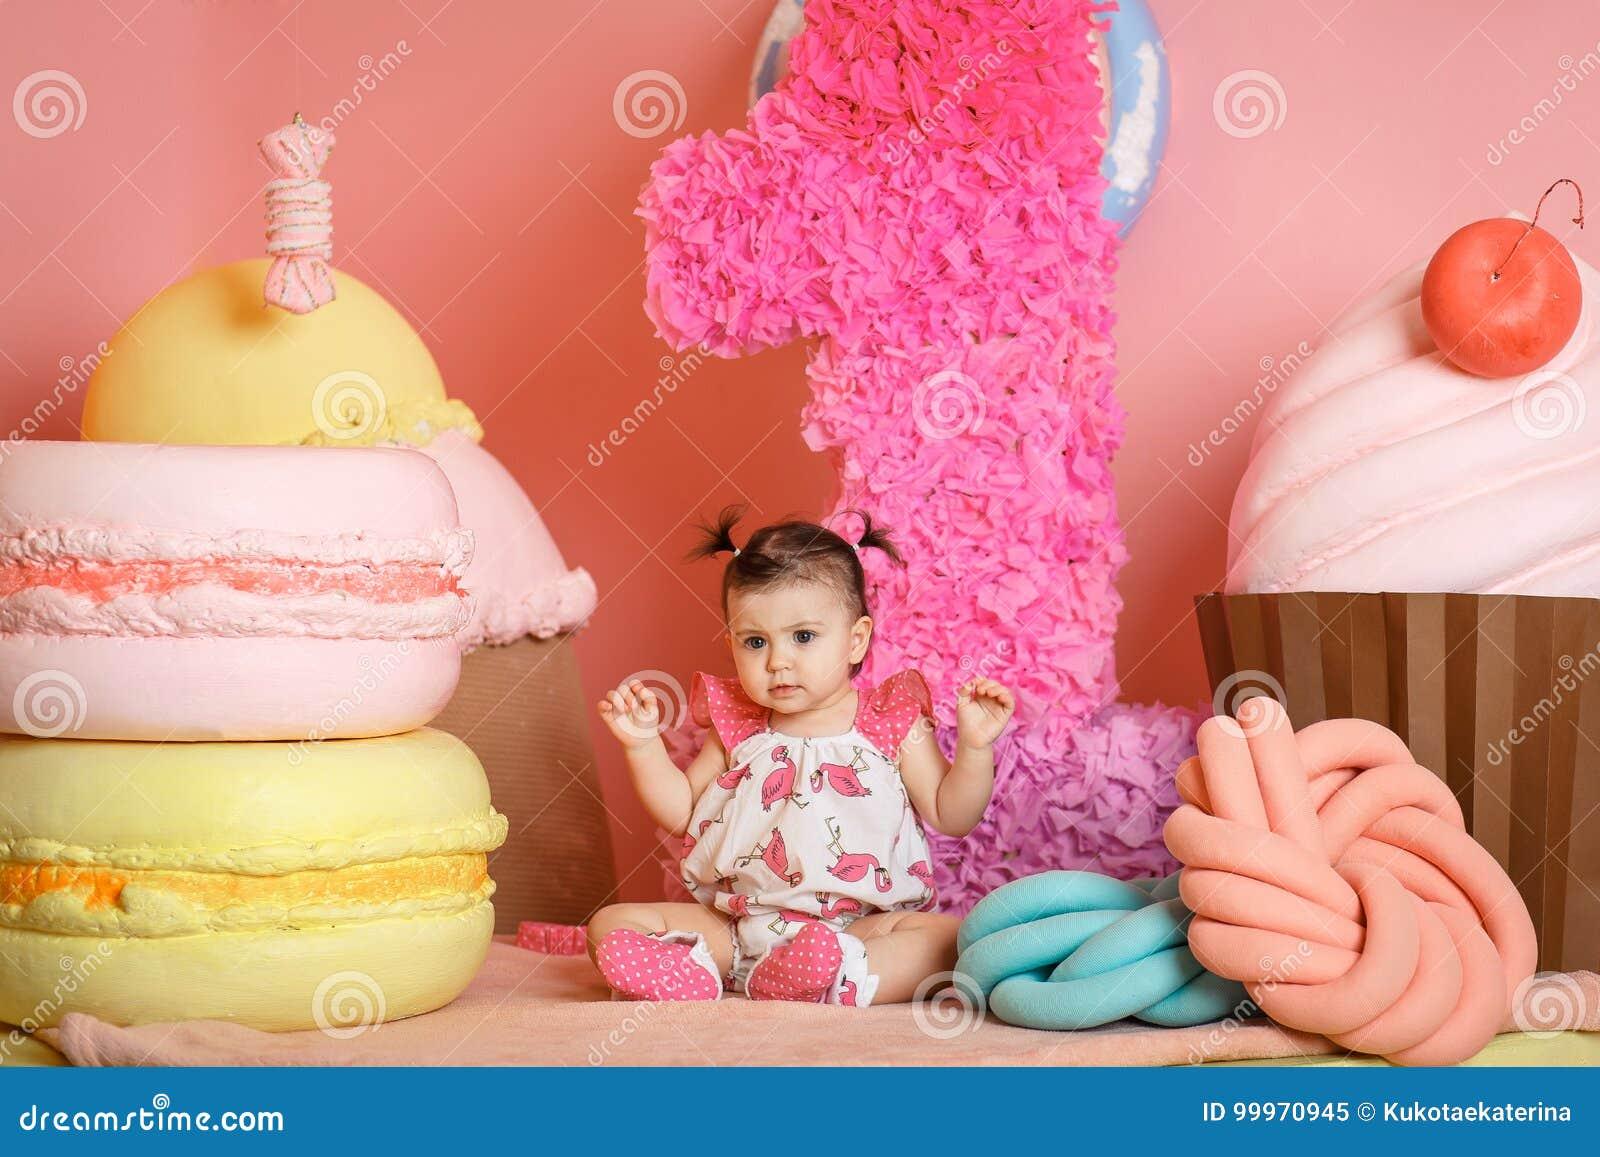 Το χαριτωμένο μικρό κορίτσι γιορτάζει τα πρώτα γενέθλιά της